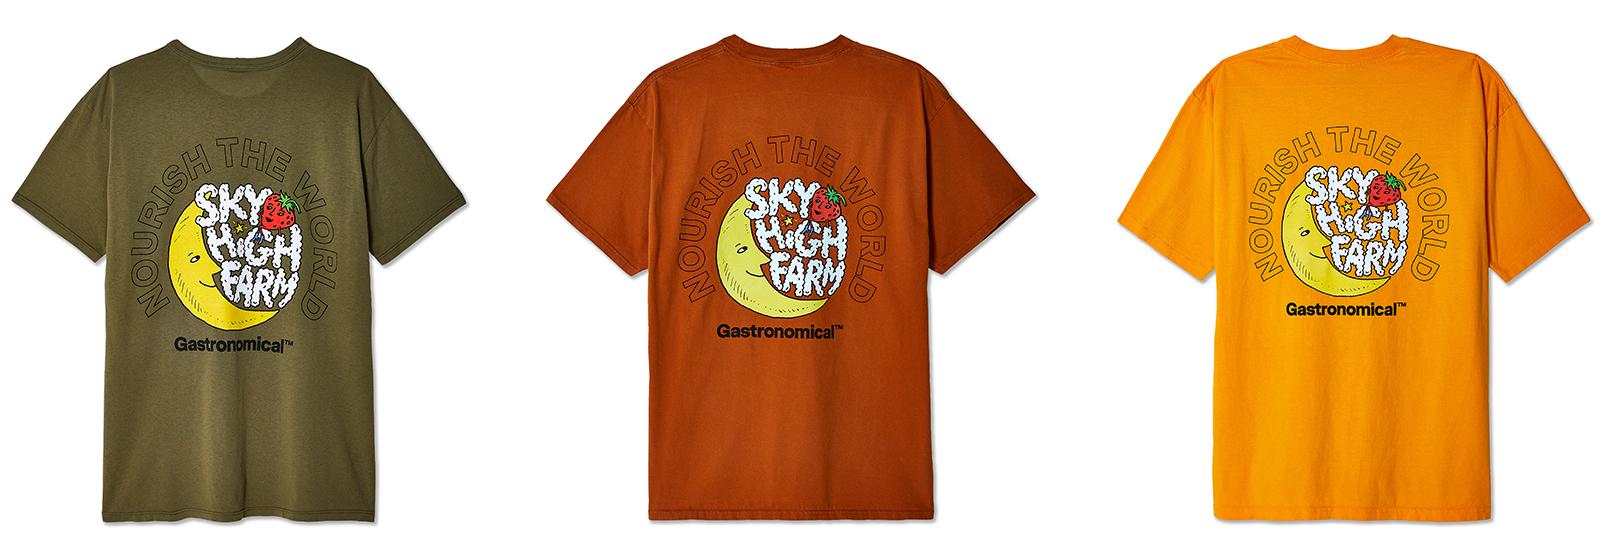 Gastronomical x Sky High Farm